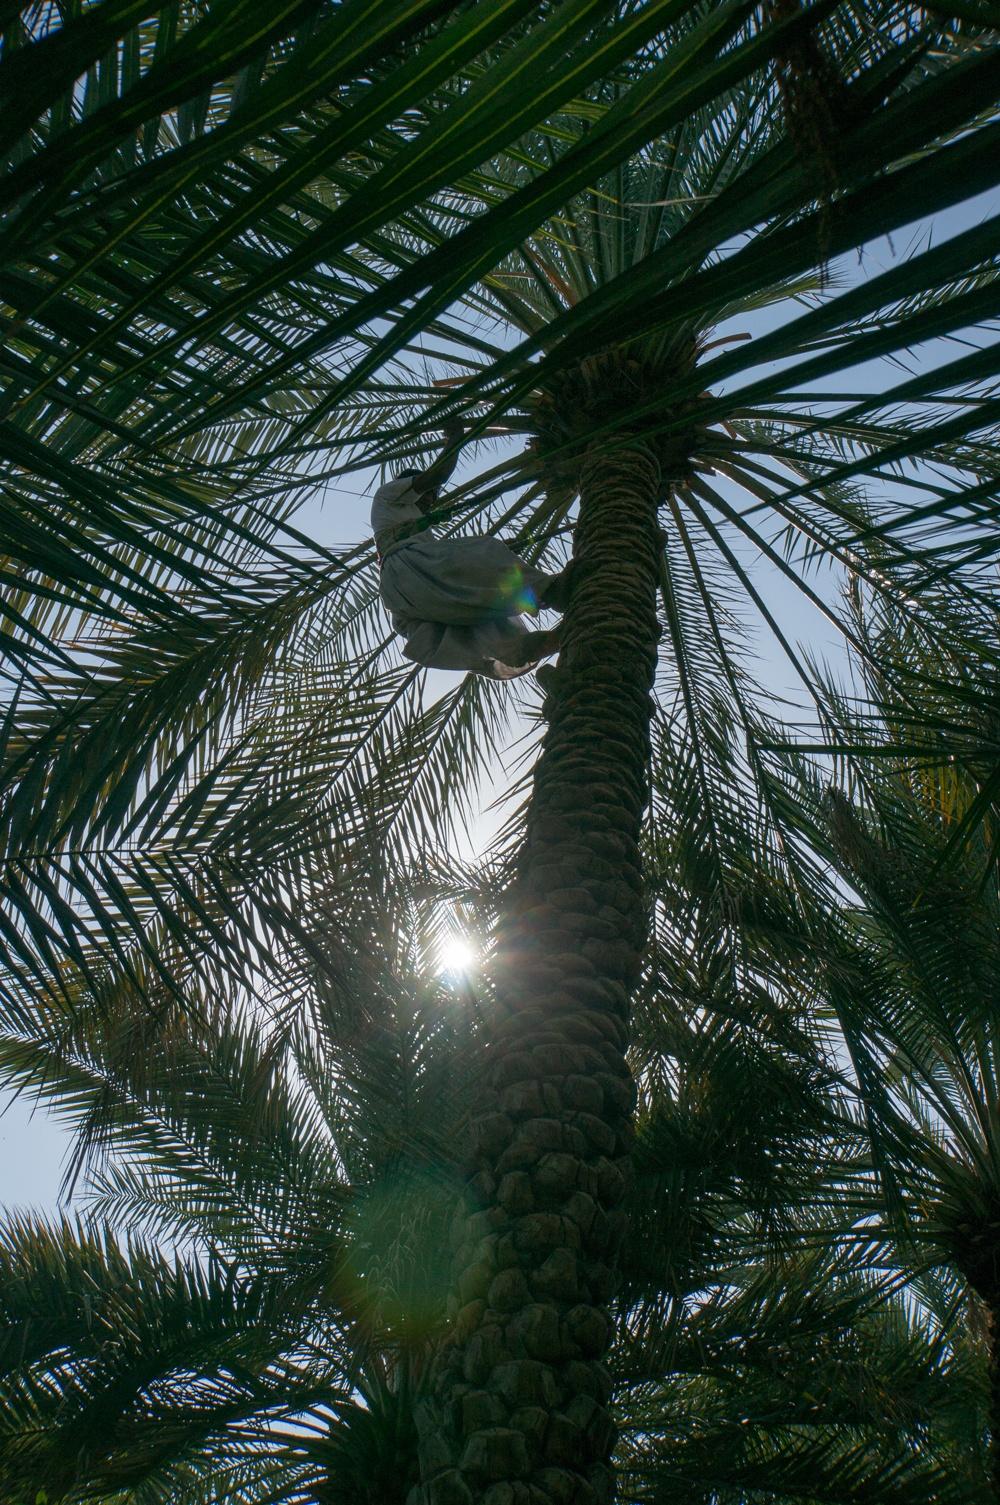 Palmenoase in Al Ain